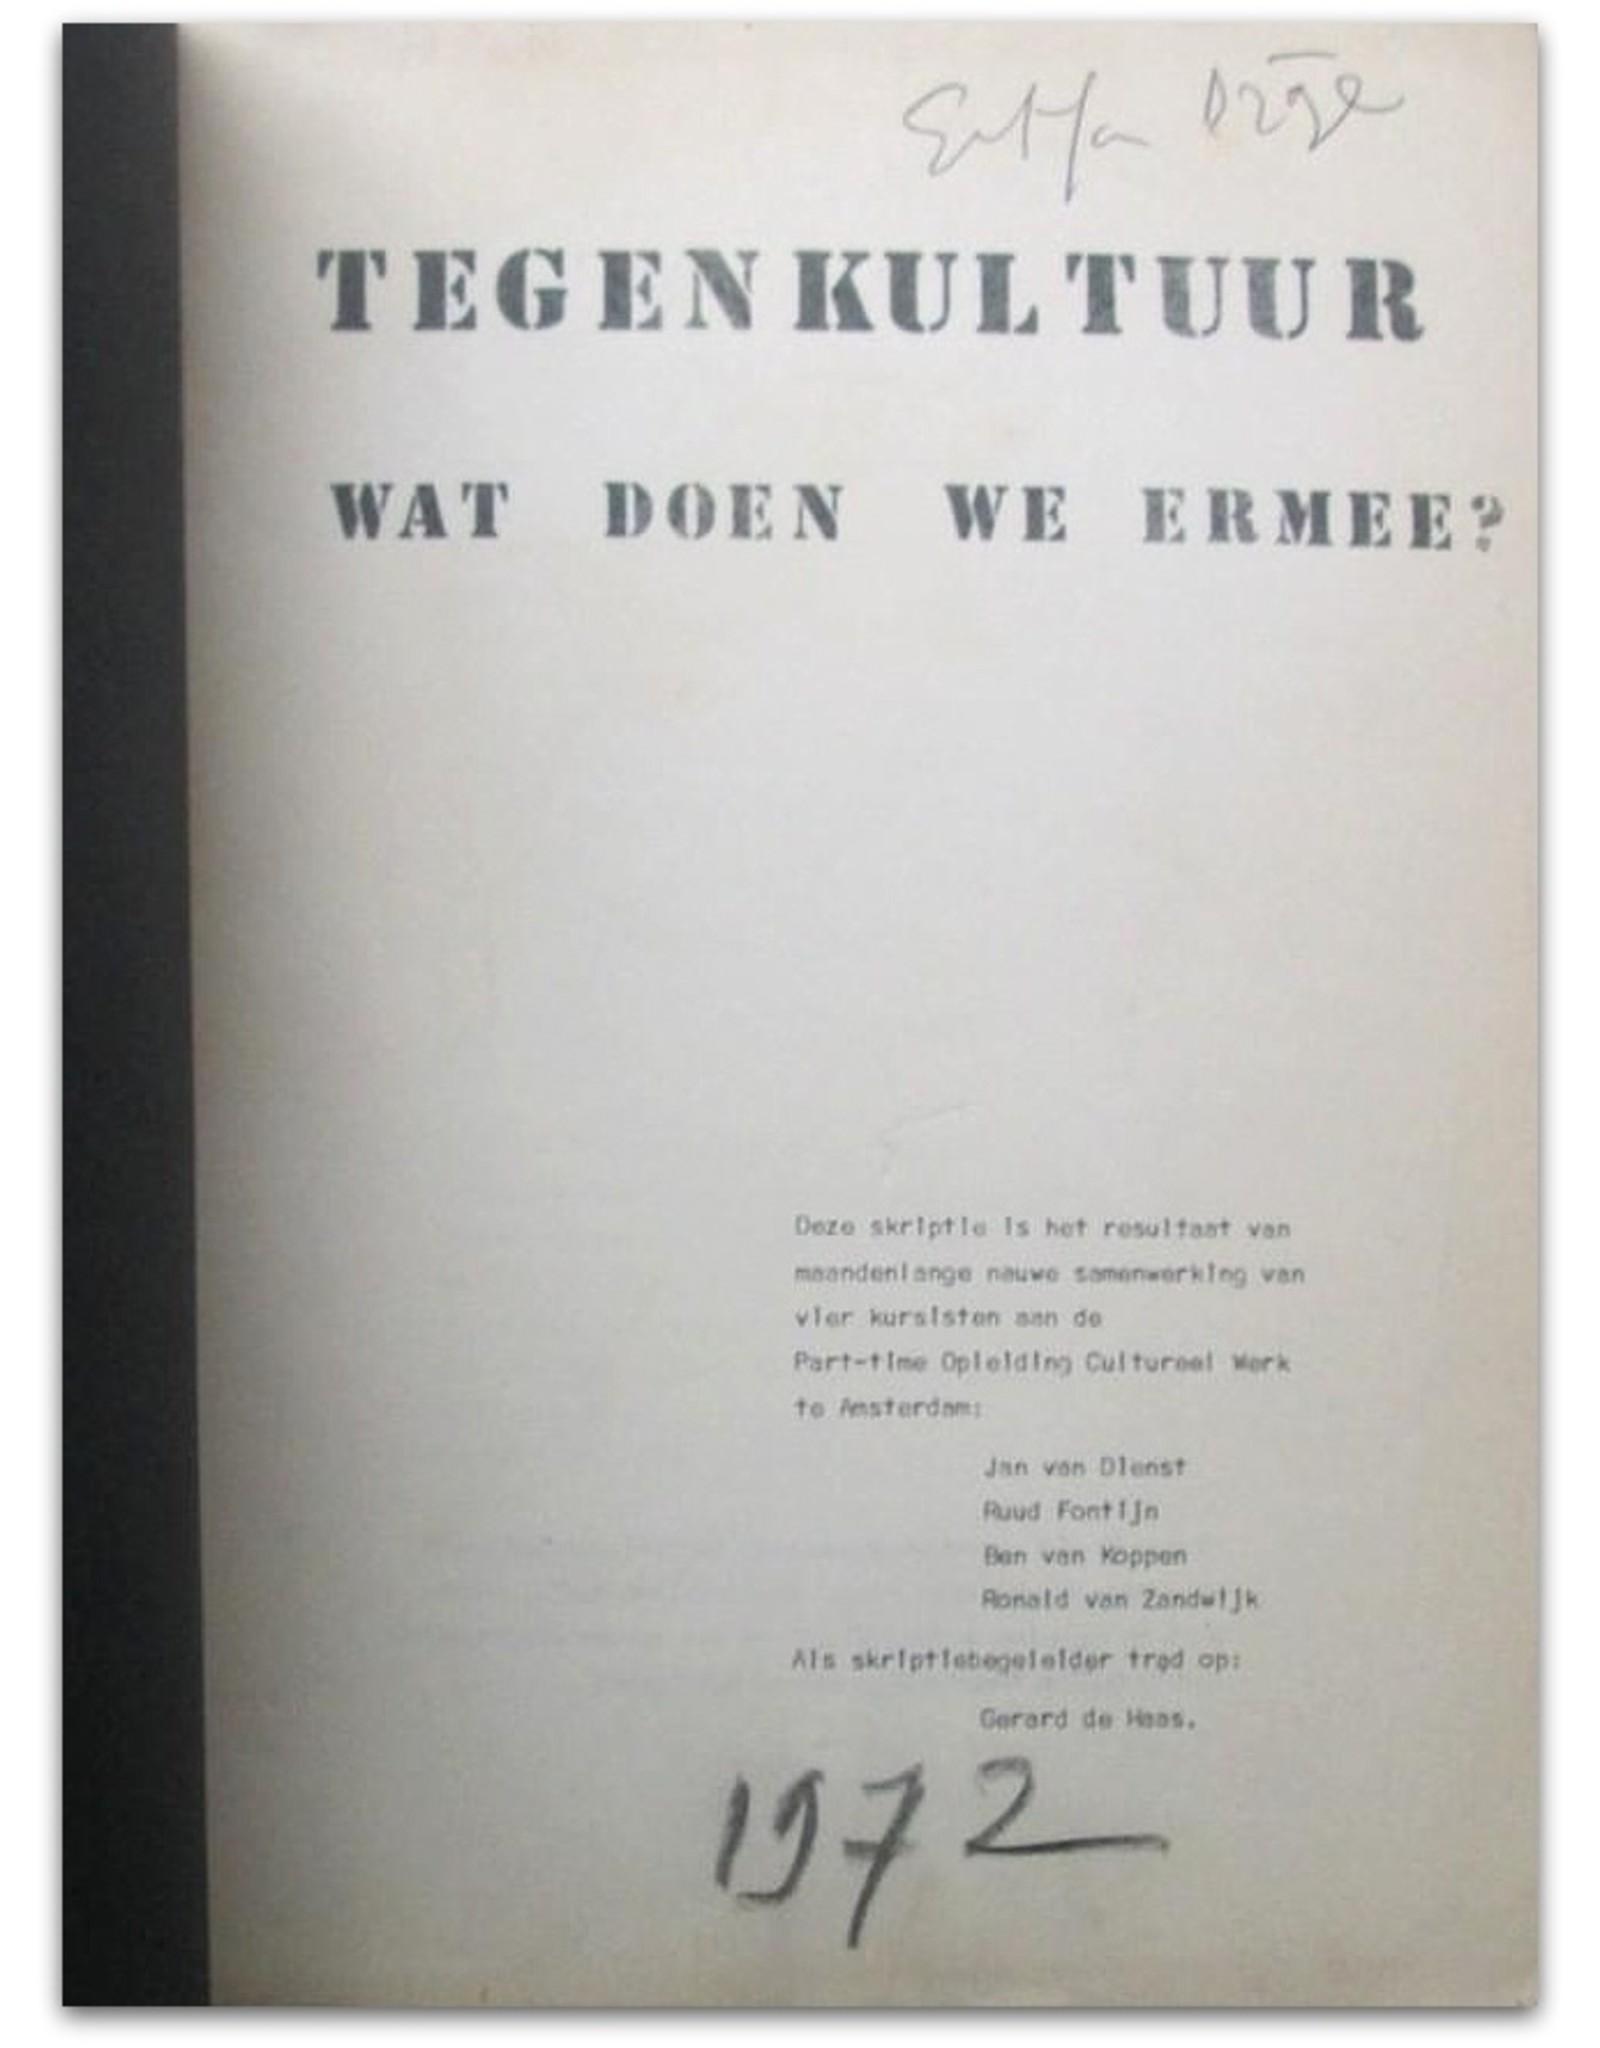 Simon Vinkenoog - Tegenkultuur. Wat doen we ermee?